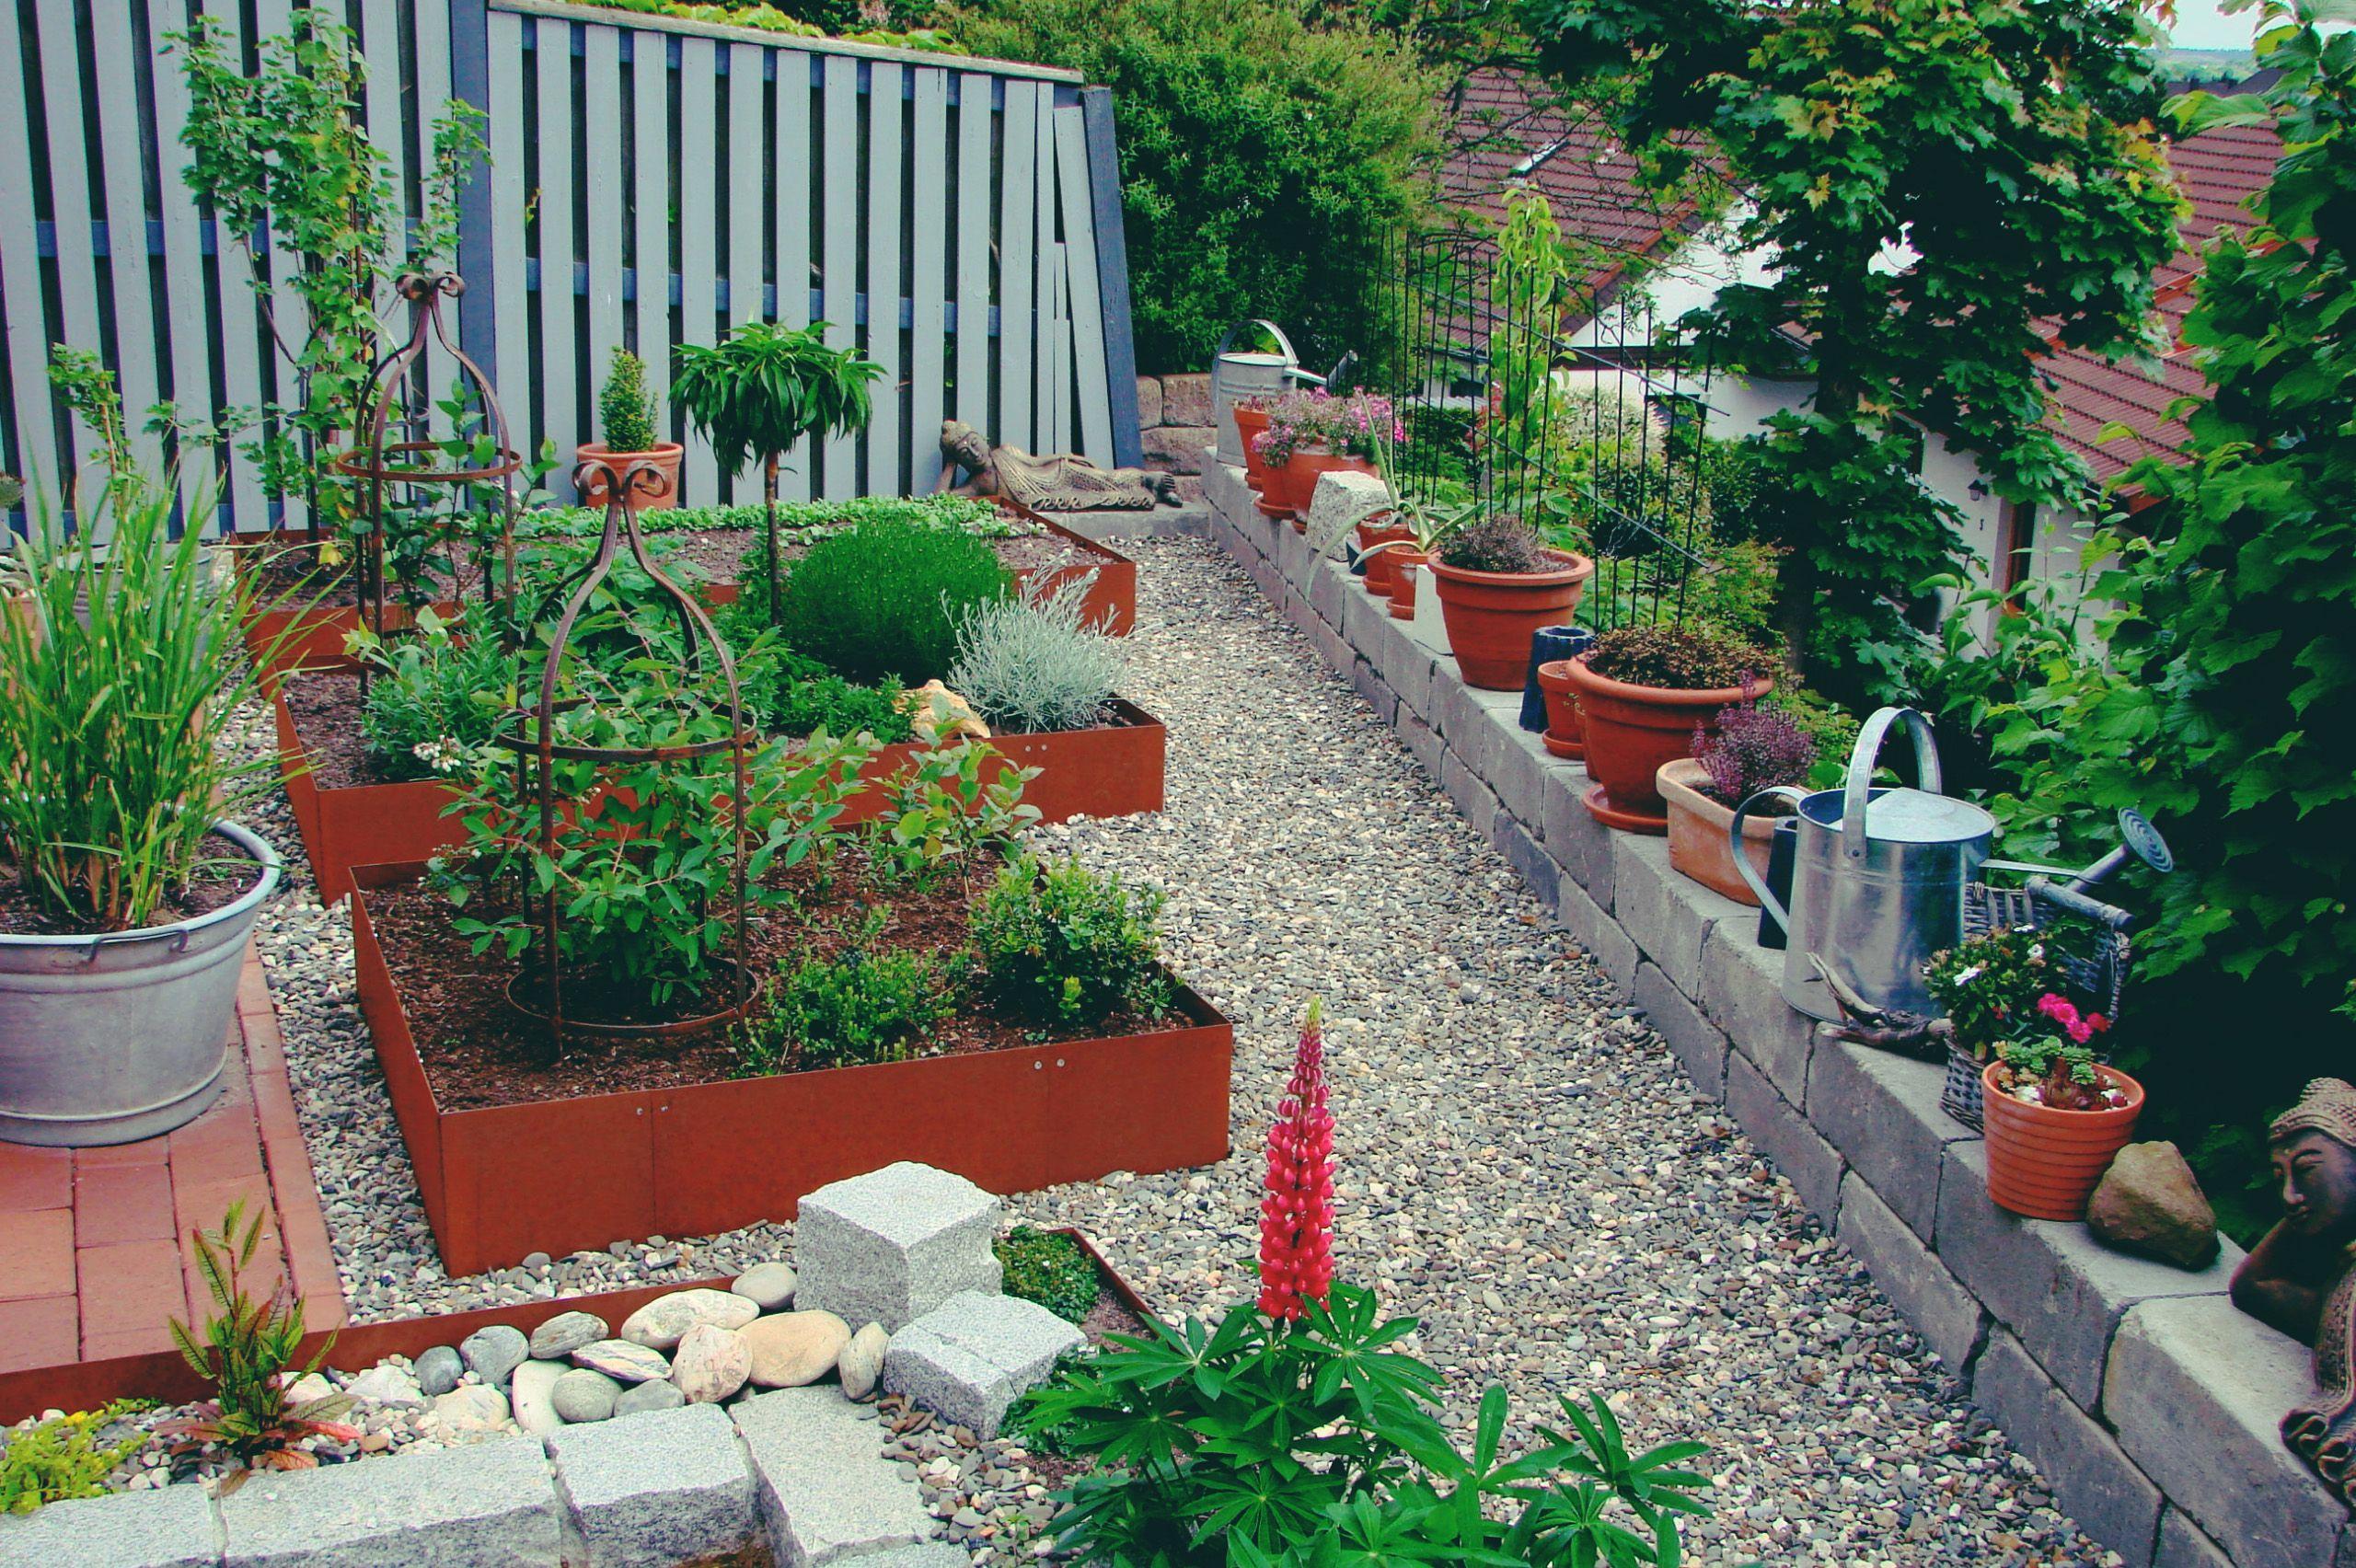 Garten Ideen Aus Edelrost Rost Stahl Cortenstahl Edelstahl Haus Und Garten Garten Garten Ideen